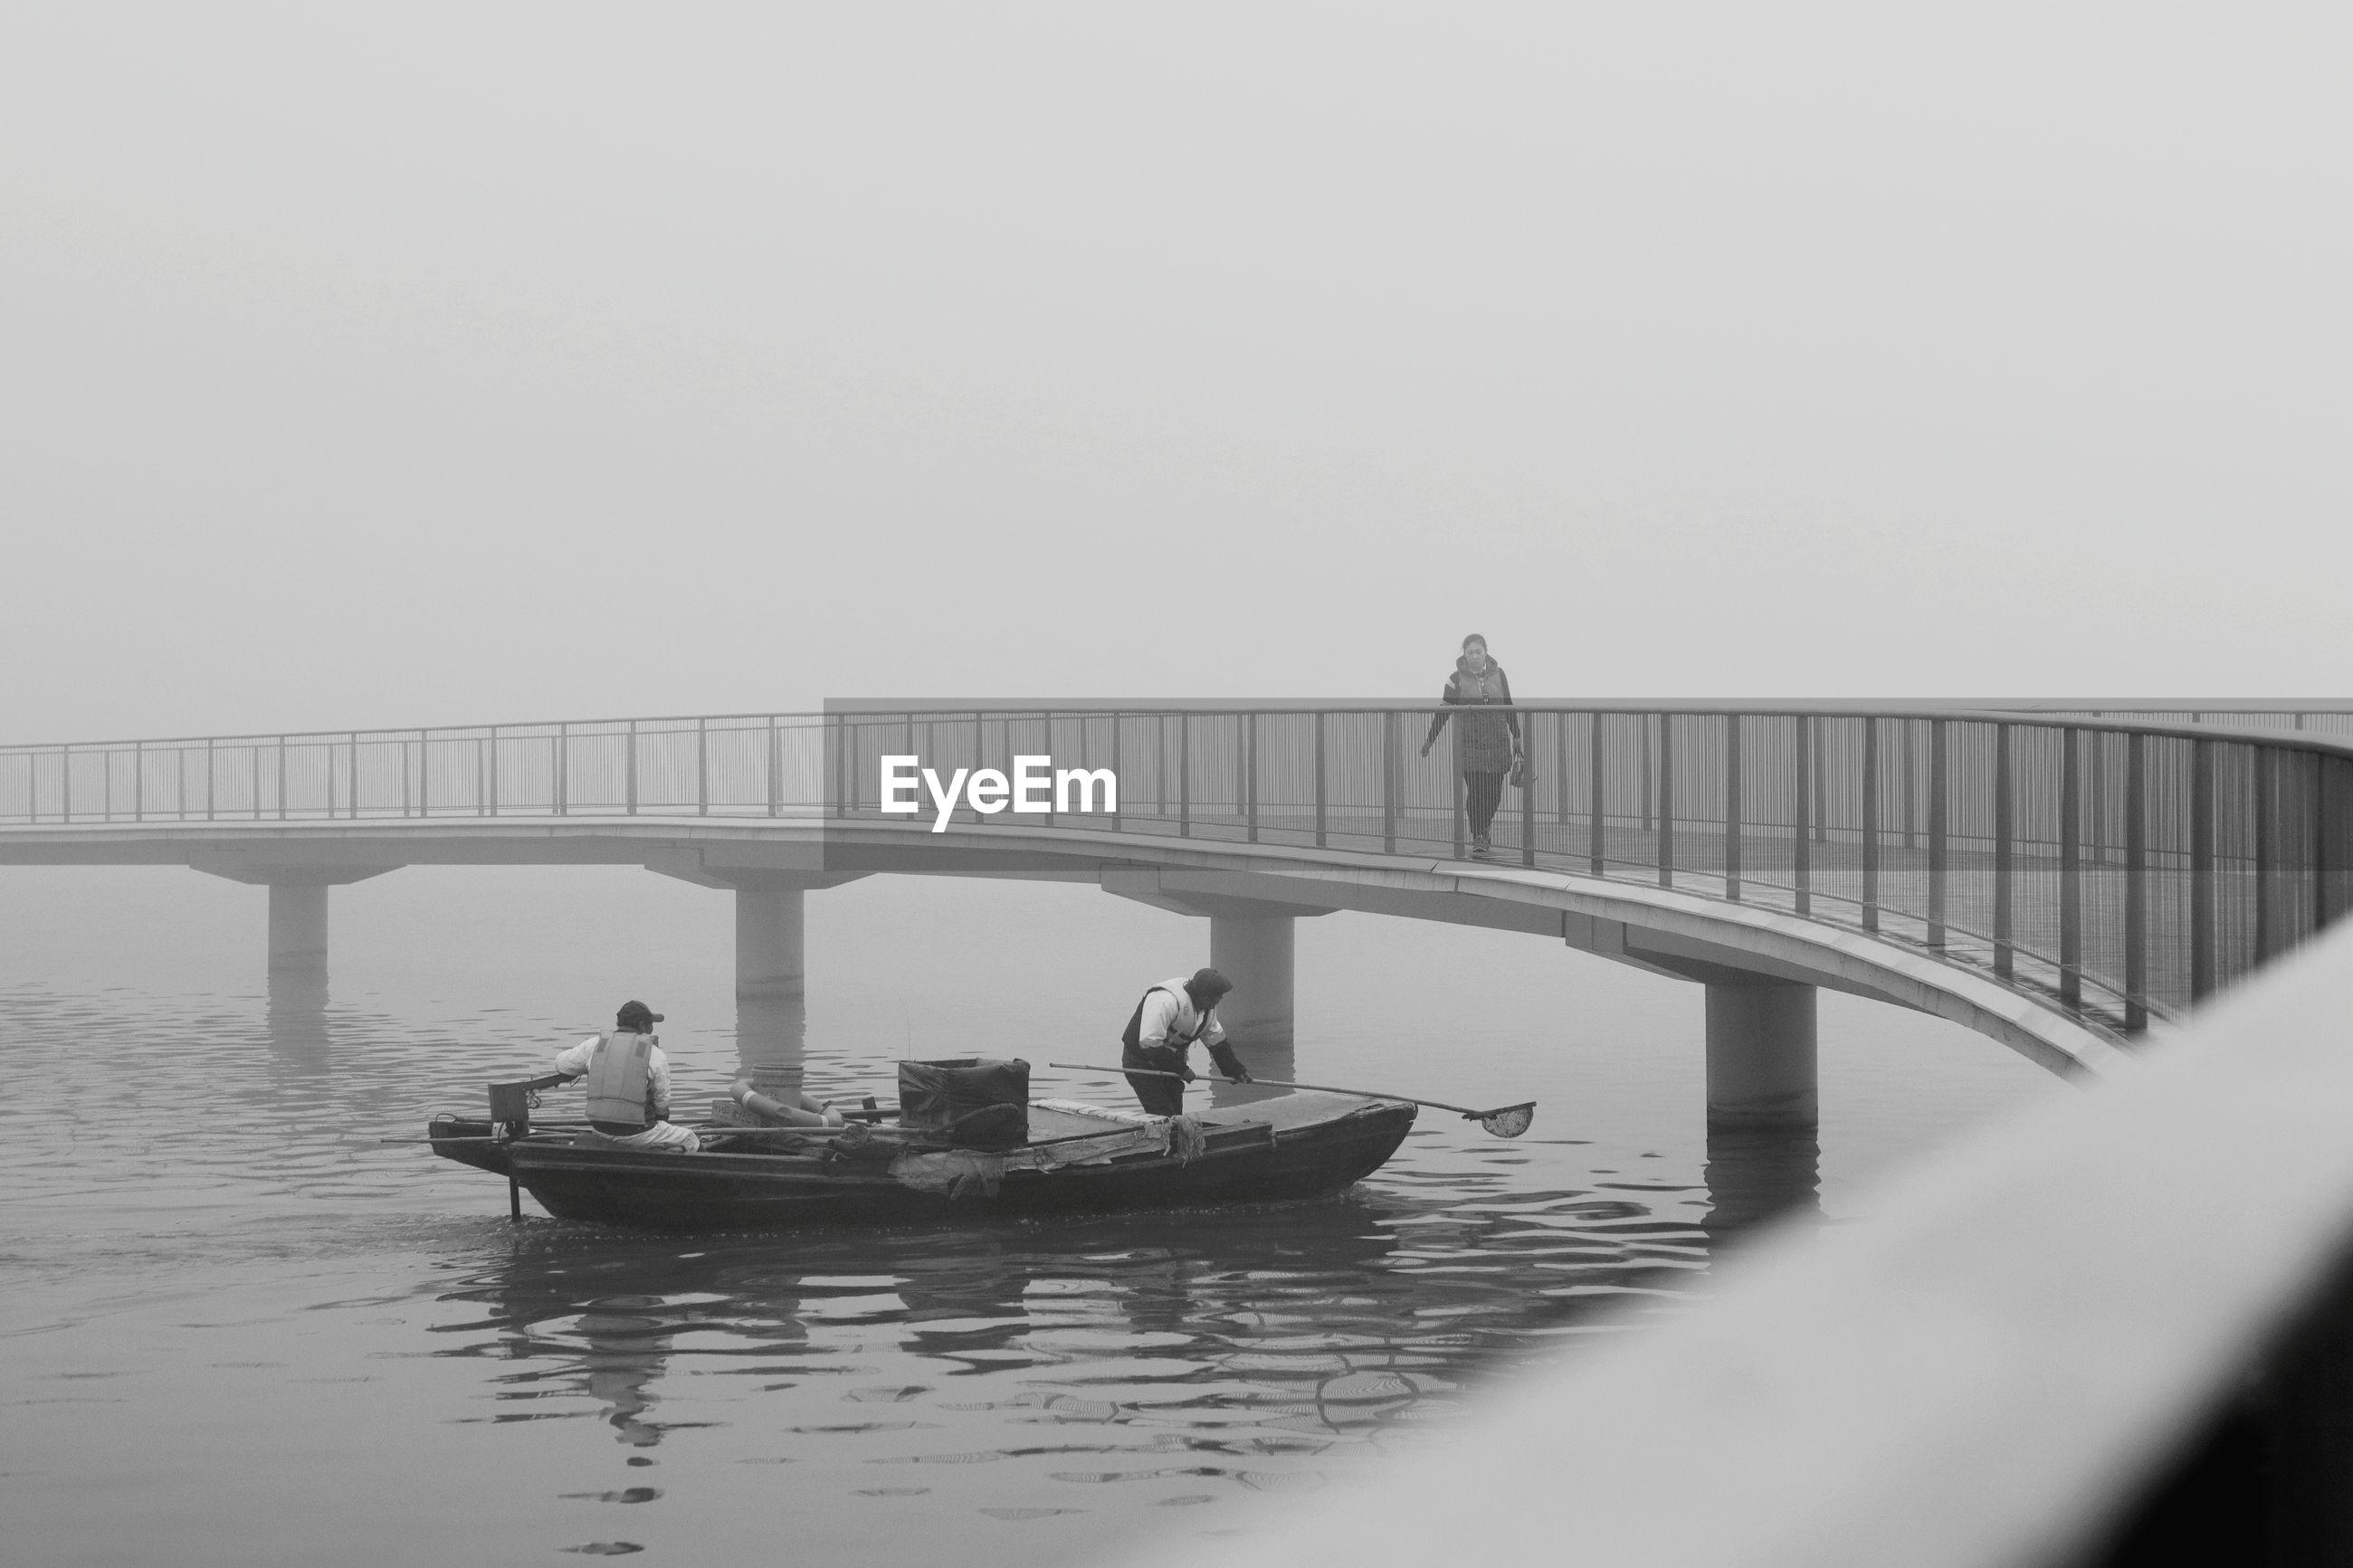 People fishing in boat on lake while woman walking on footbridge against sky